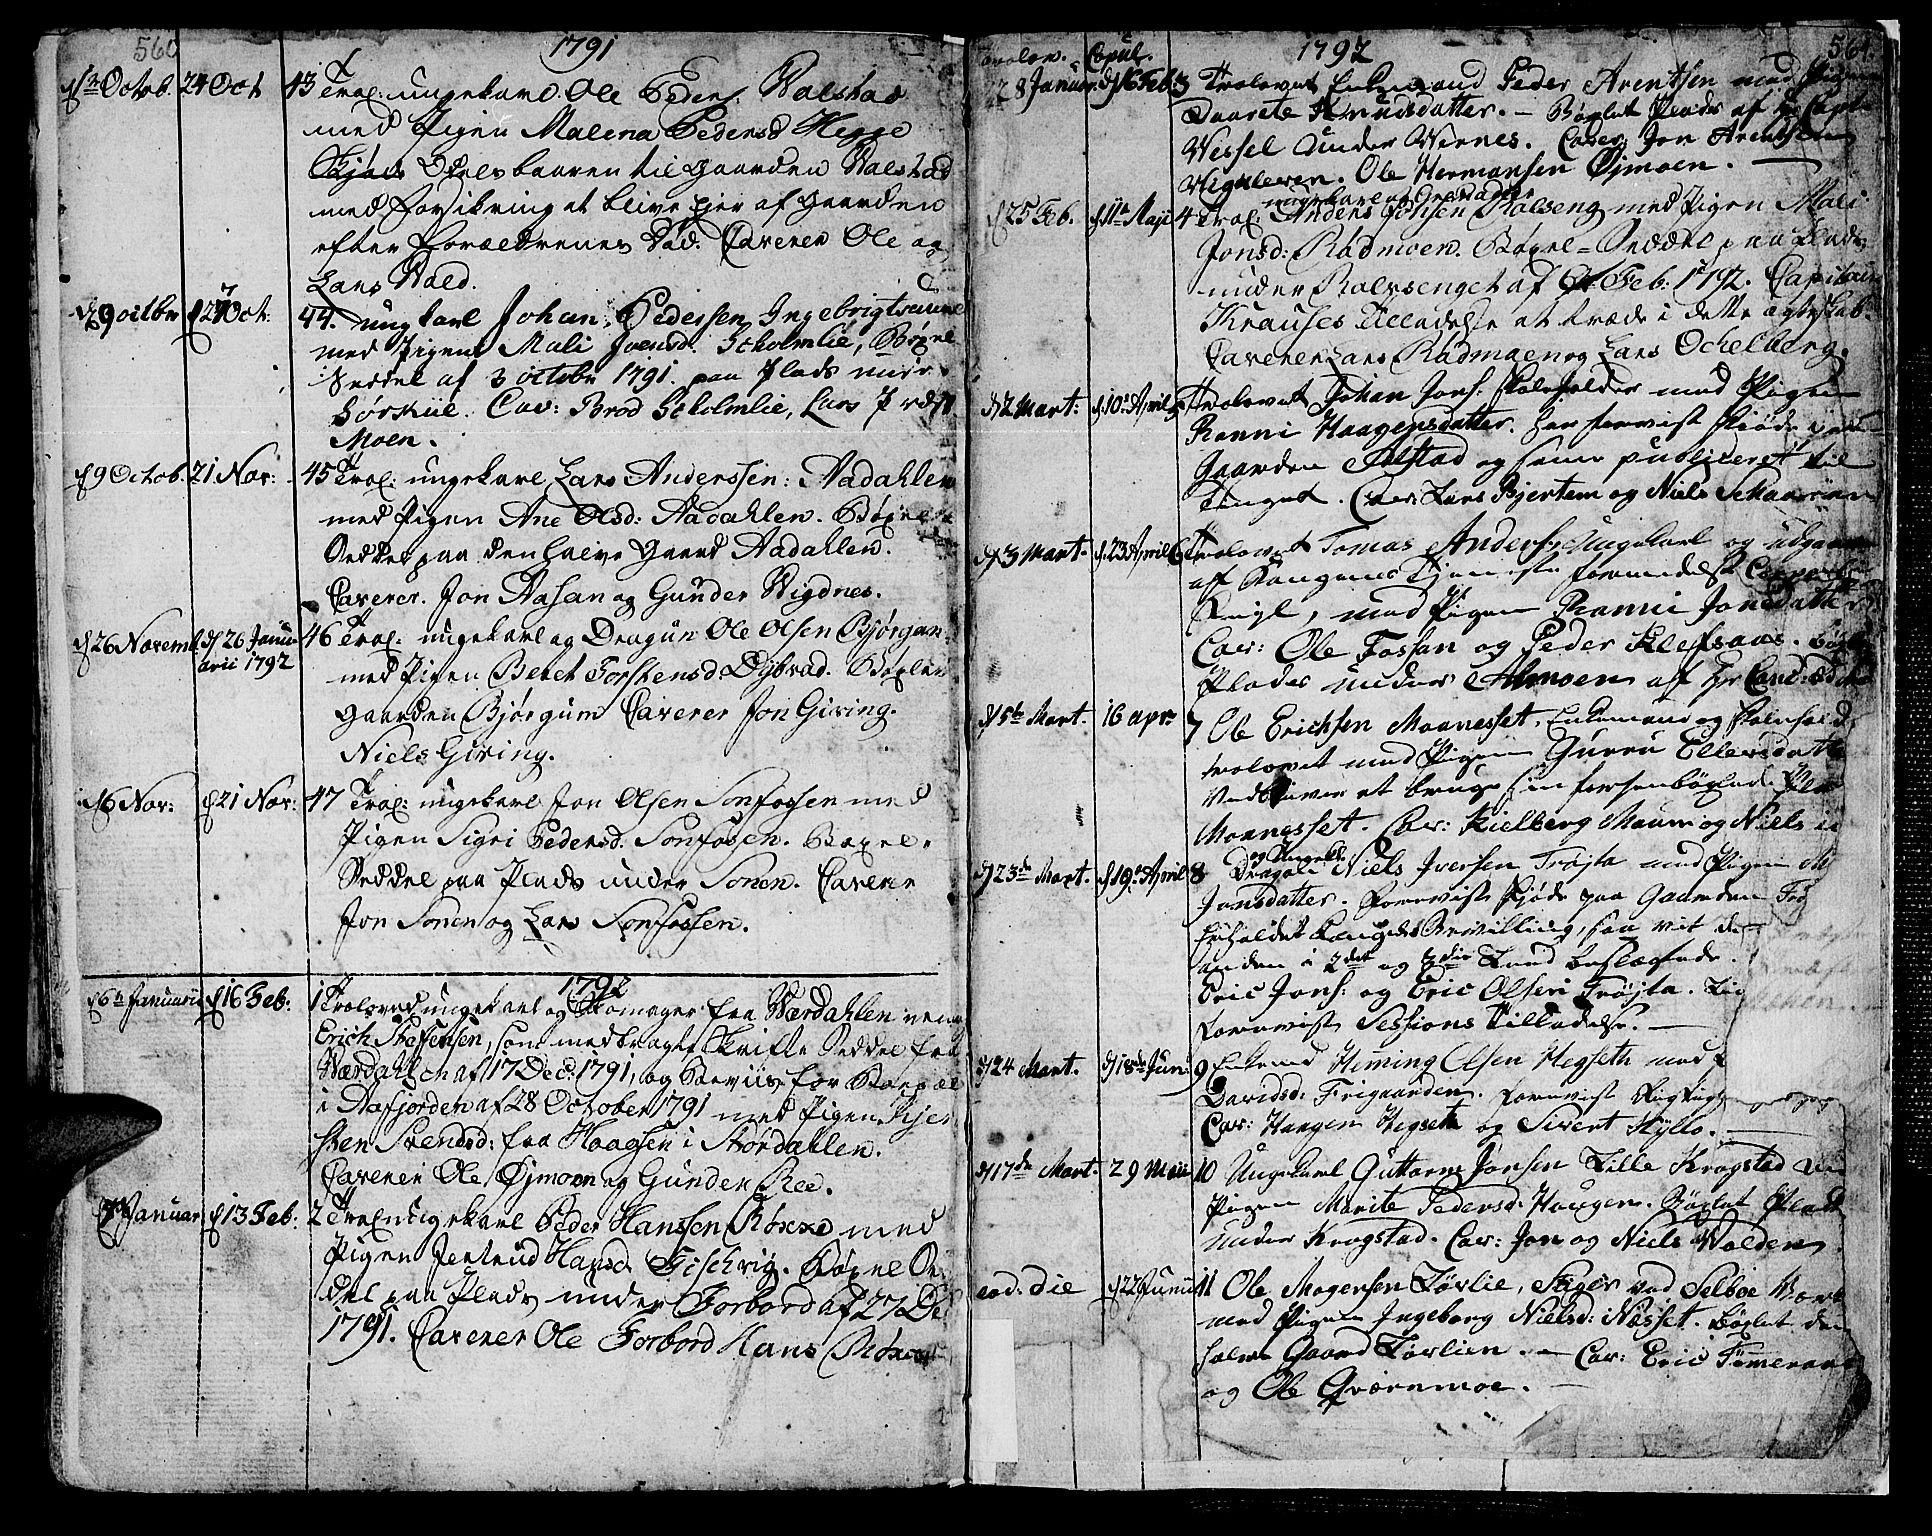 SAT, Ministerialprotokoller, klokkerbøker og fødselsregistre - Nord-Trøndelag, 709/L0059: Ministerialbok nr. 709A06, 1781-1797, s. 560-561